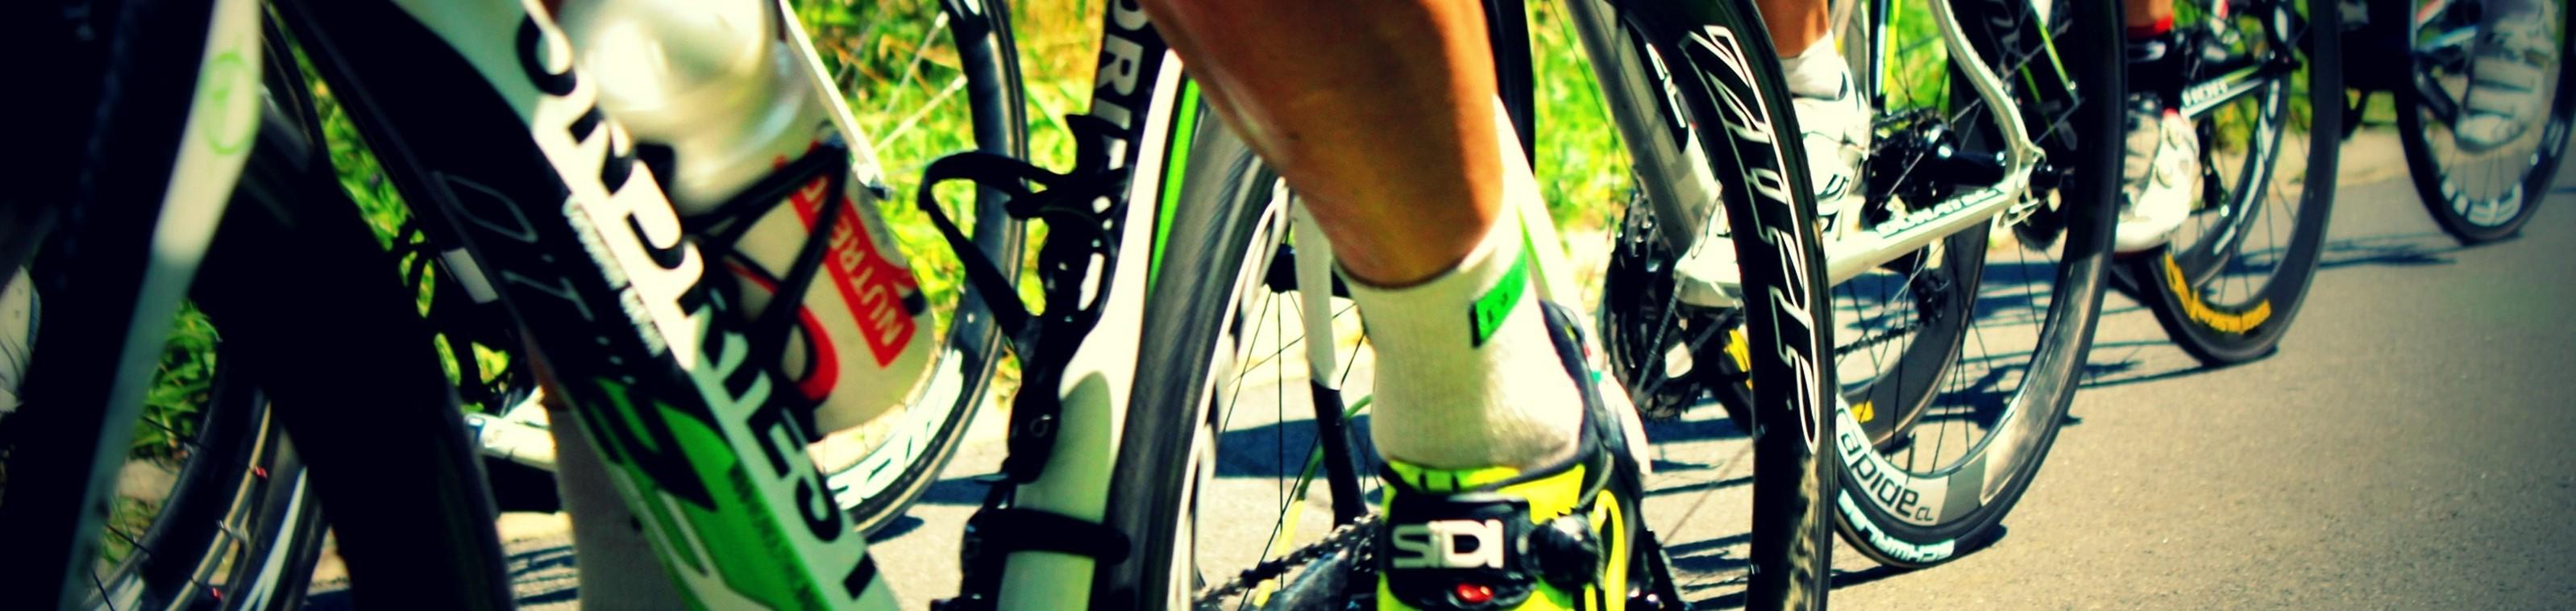 Beleef het WK wielrennen in Innsbruck